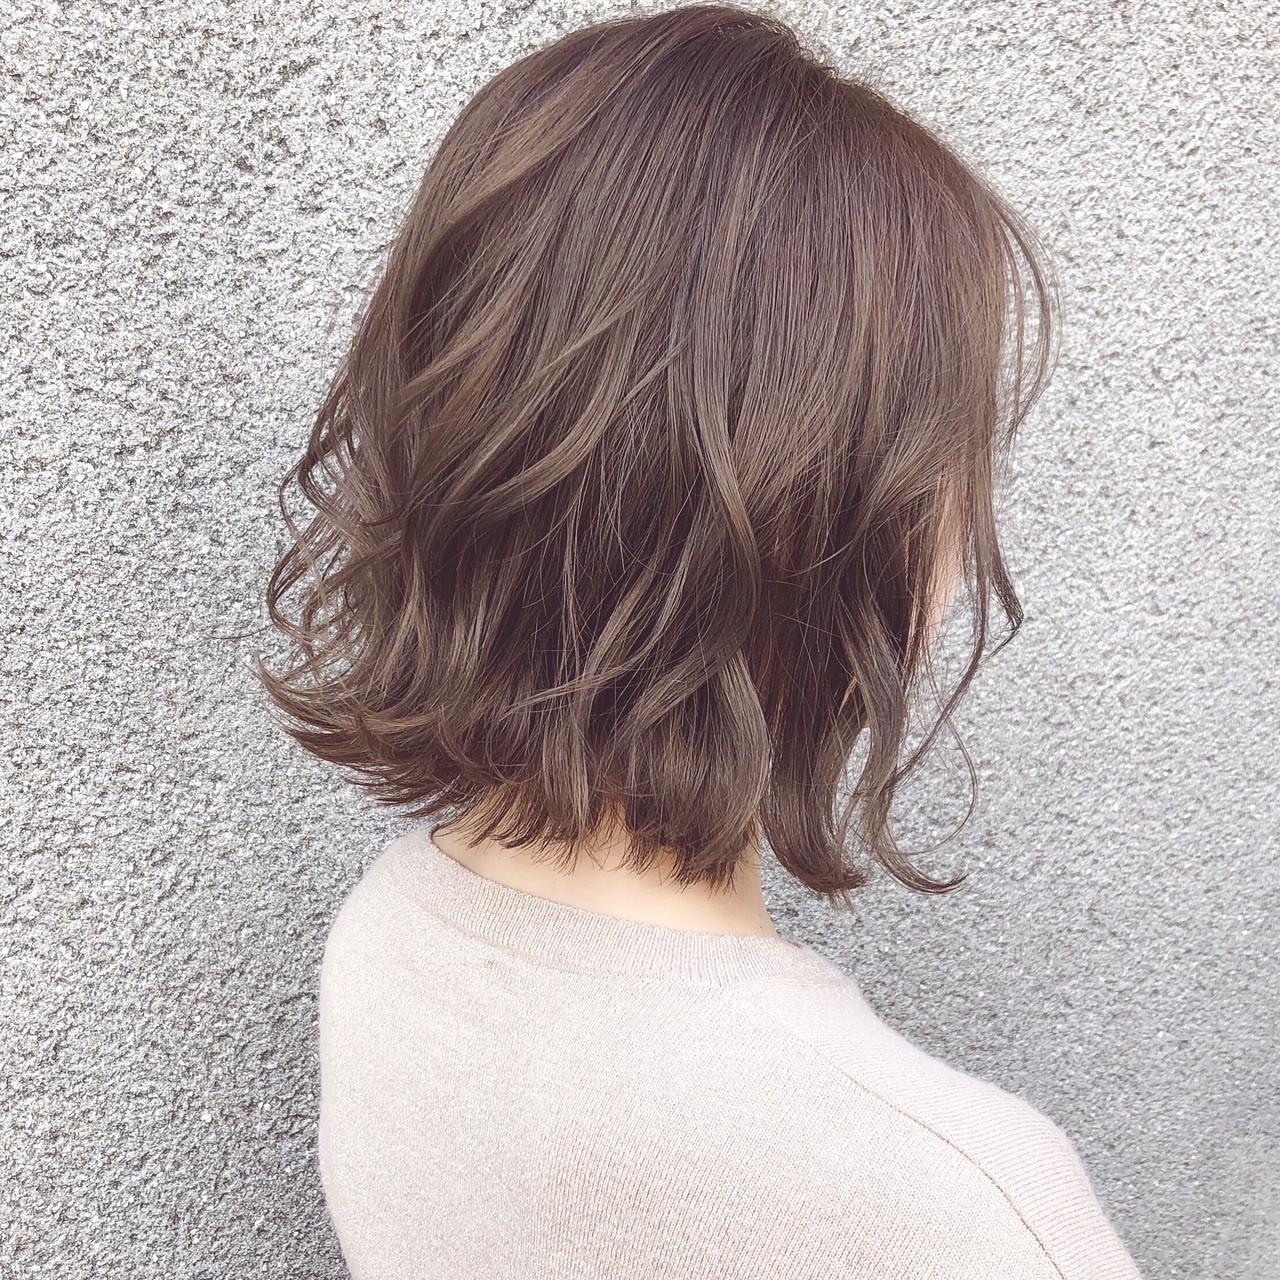 パーマ アンニュイほつれヘア フェミニン ボブ ヘアスタイルや髪型の写真・画像